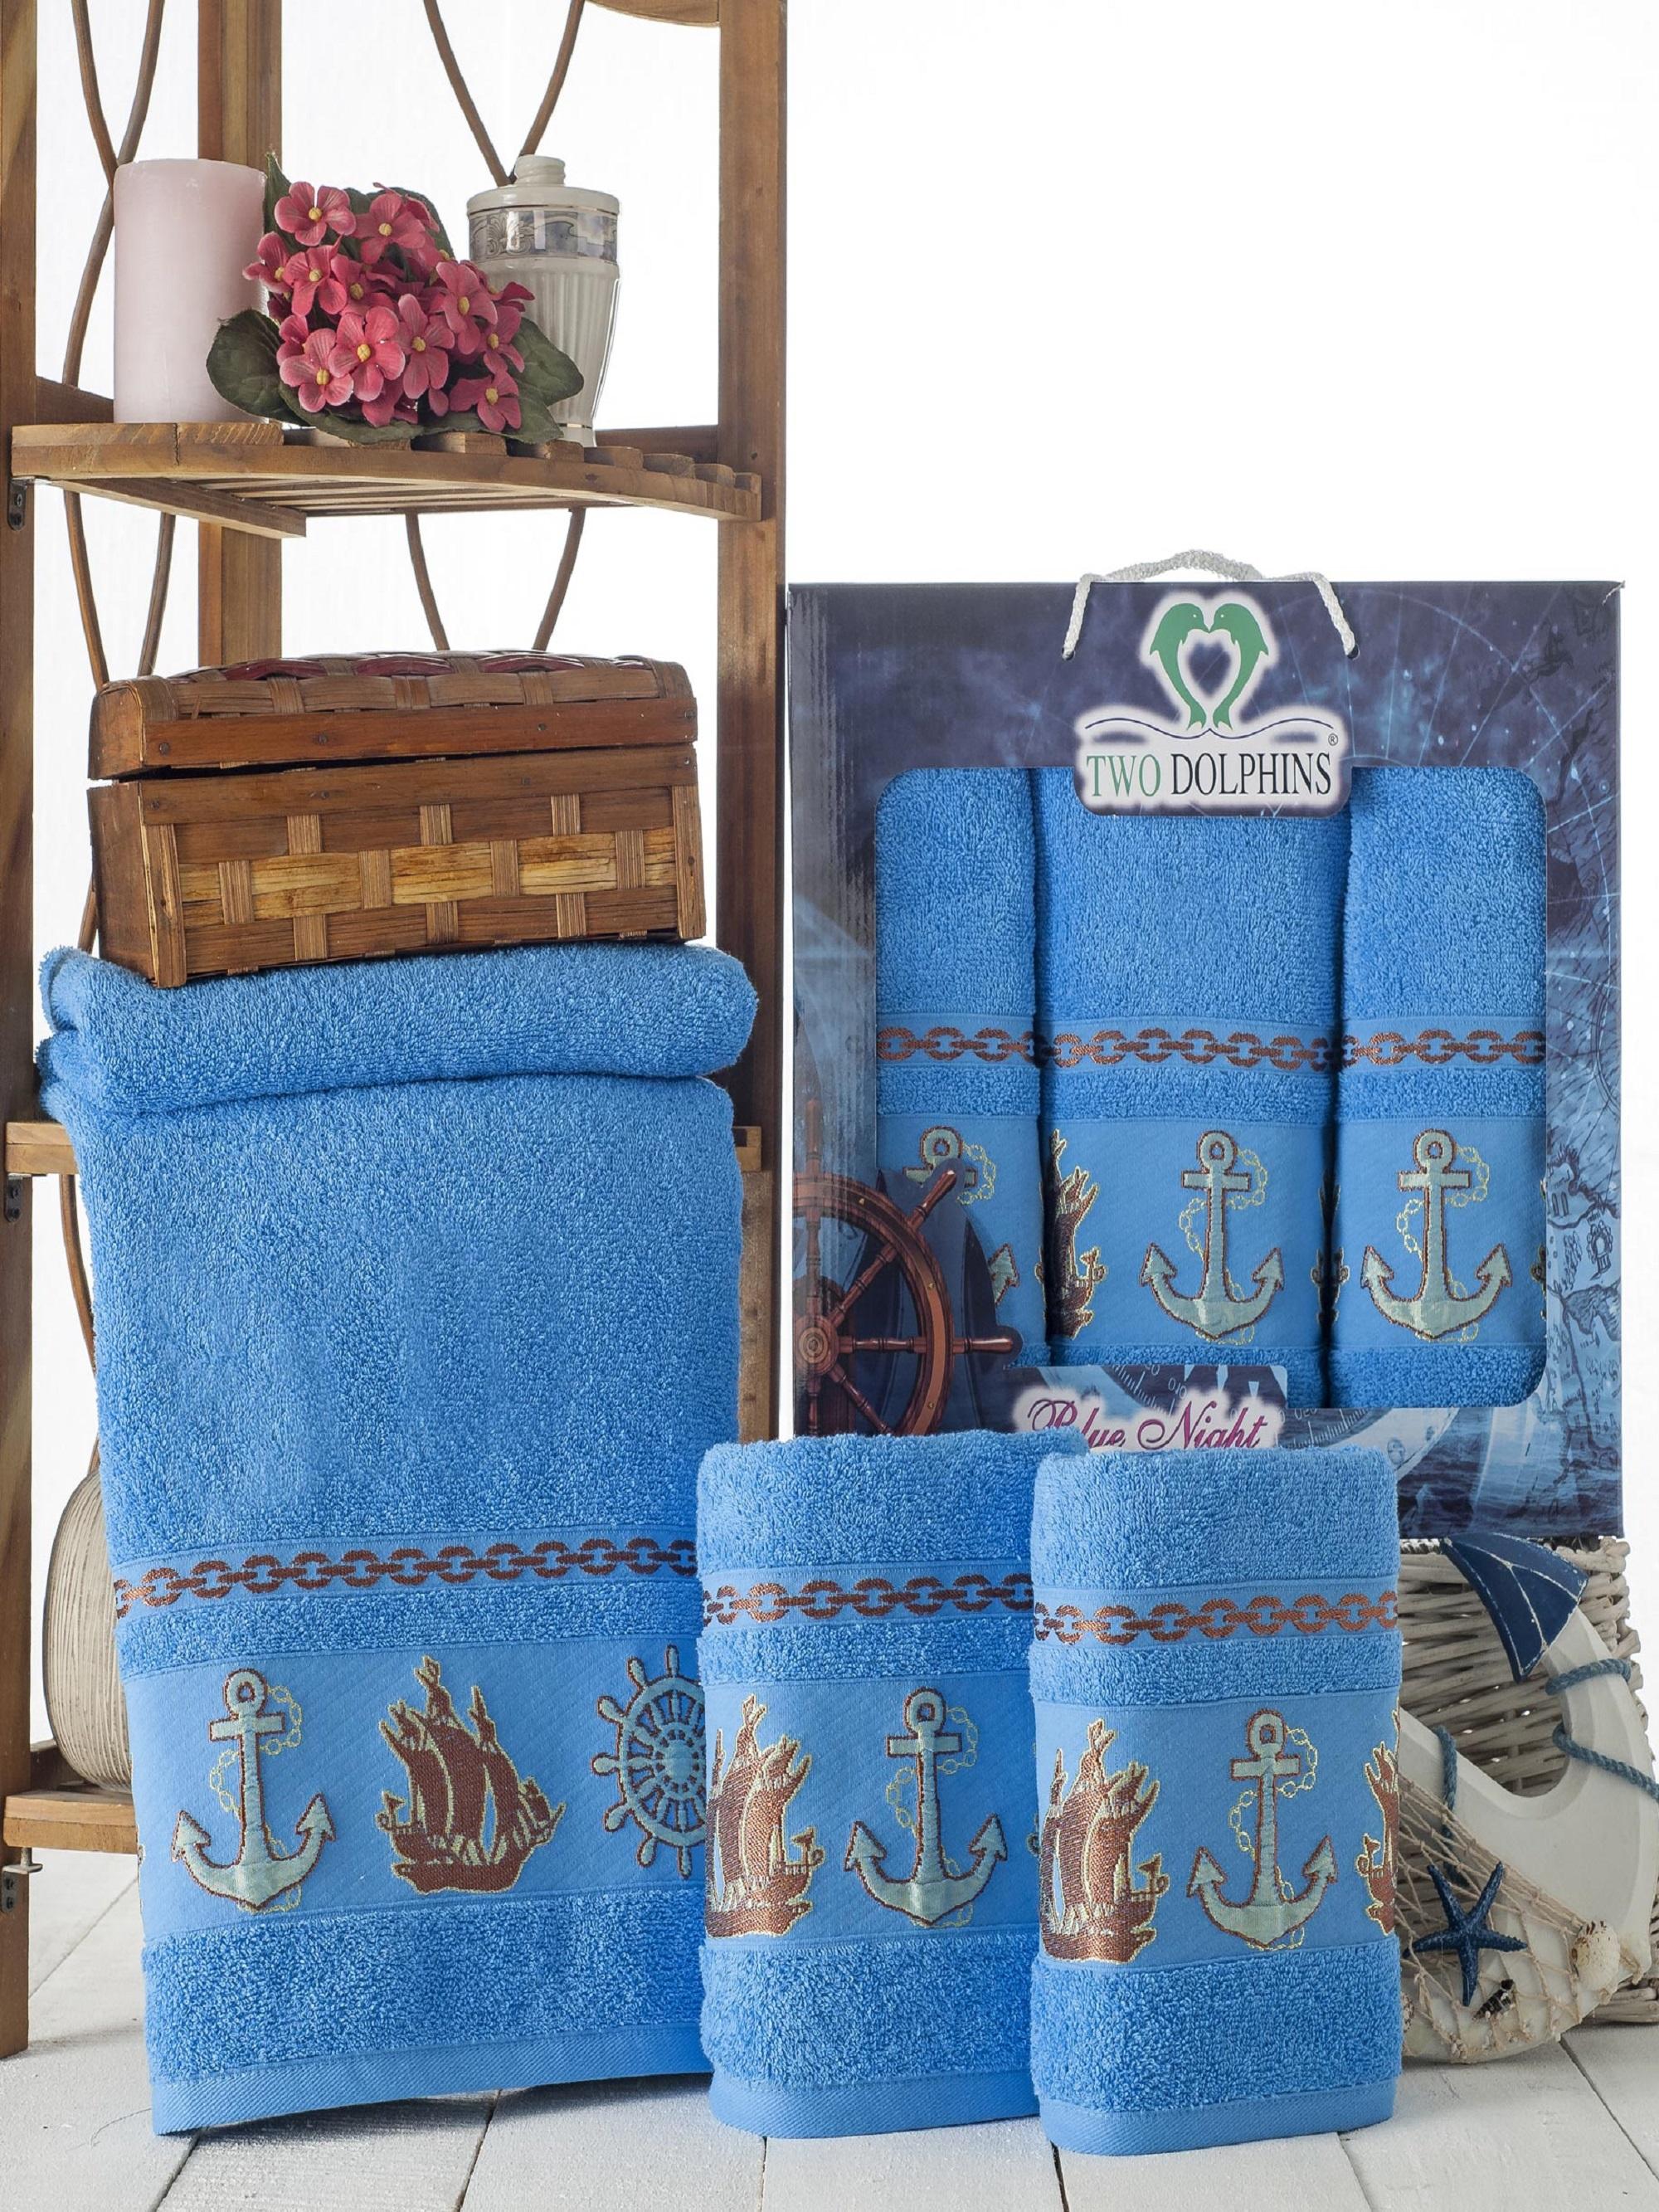 Полотенца Two Dolphins Полотенце Blue Night Цвет: Голубой (50х90 см - 2 шт,70х140 см) набор из 3 полотенец merzuka sakura 50х90 2 70х140 8432 терракотовый